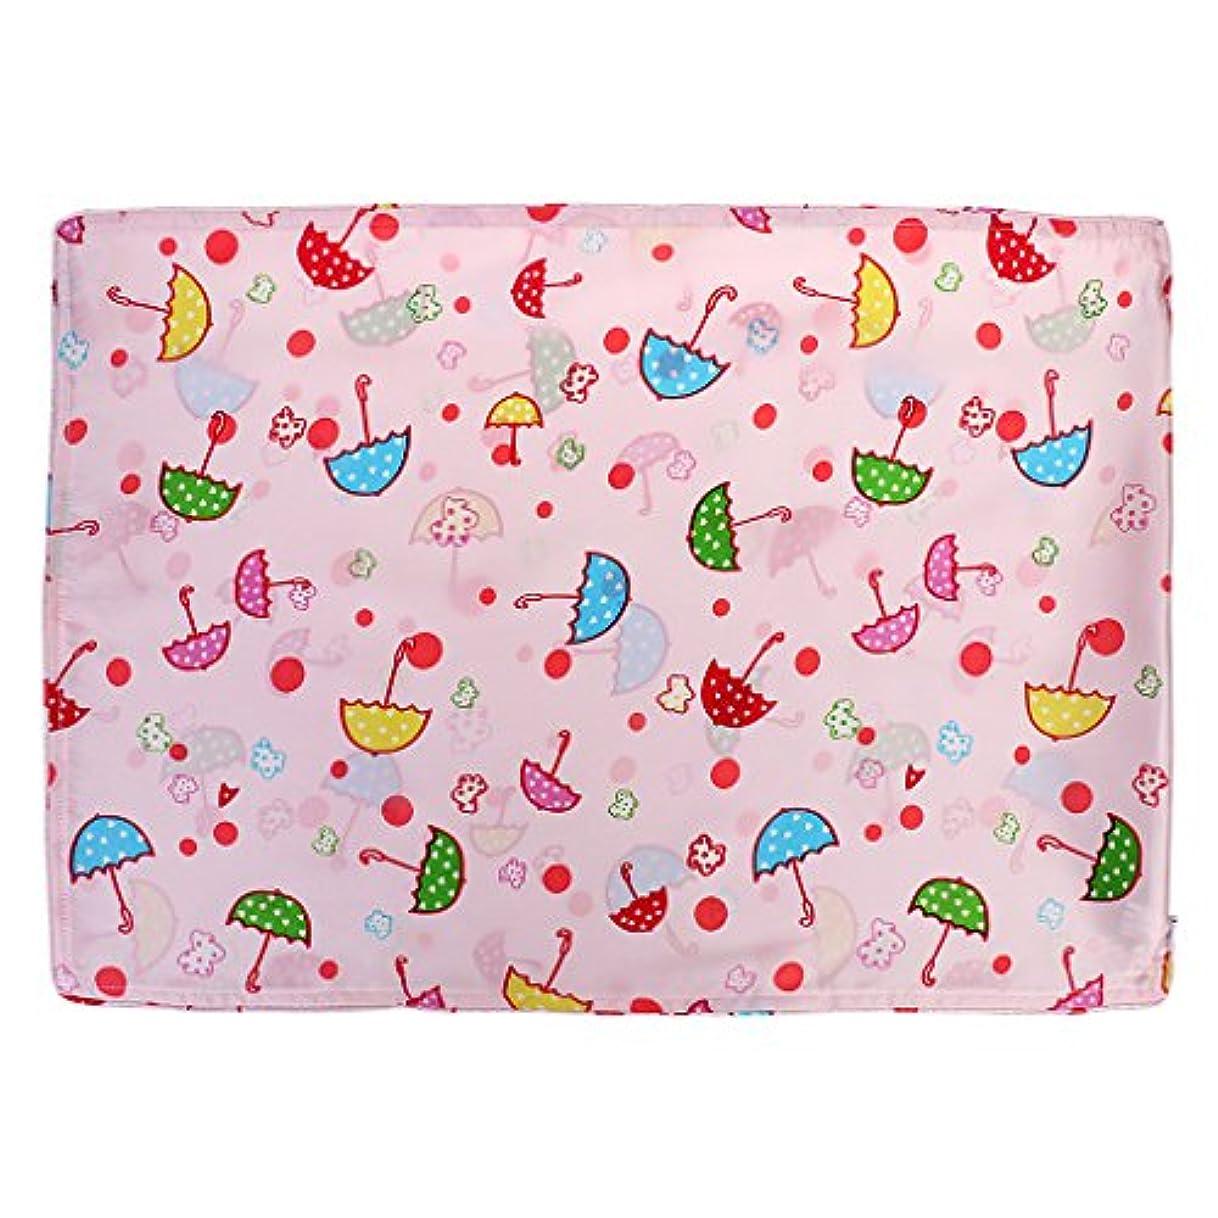 猛烈なピック完璧なFLAMEER かわいいベビーキッズ100%シルクサテン両面枕カバー30 * 55センチメートル傘ピンク